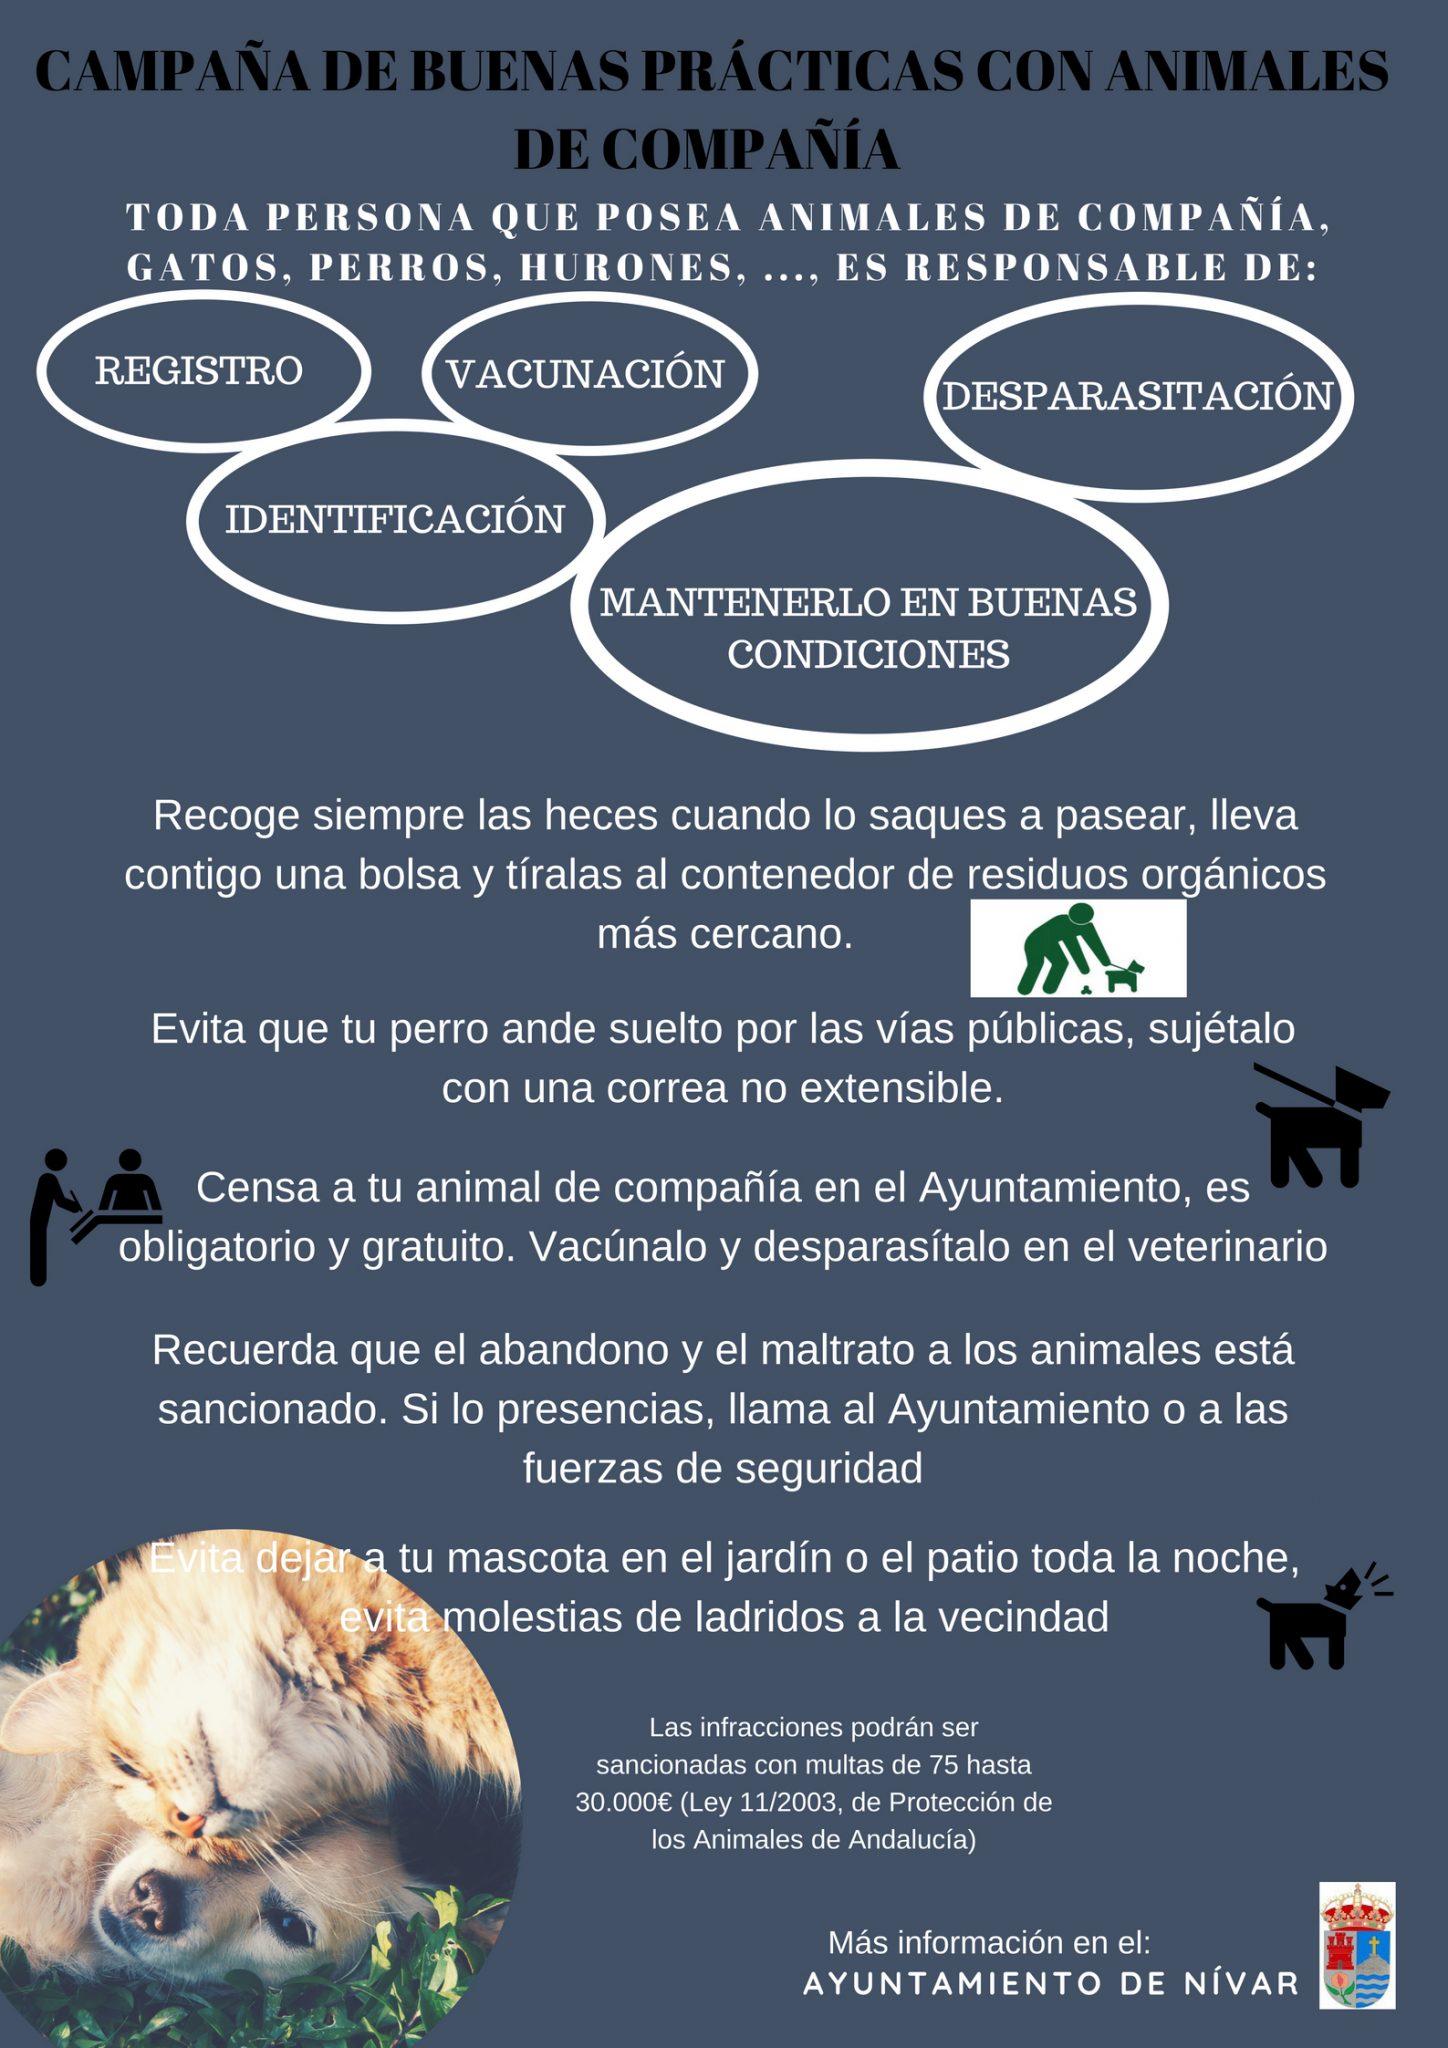 Campaña Animales de Compañía